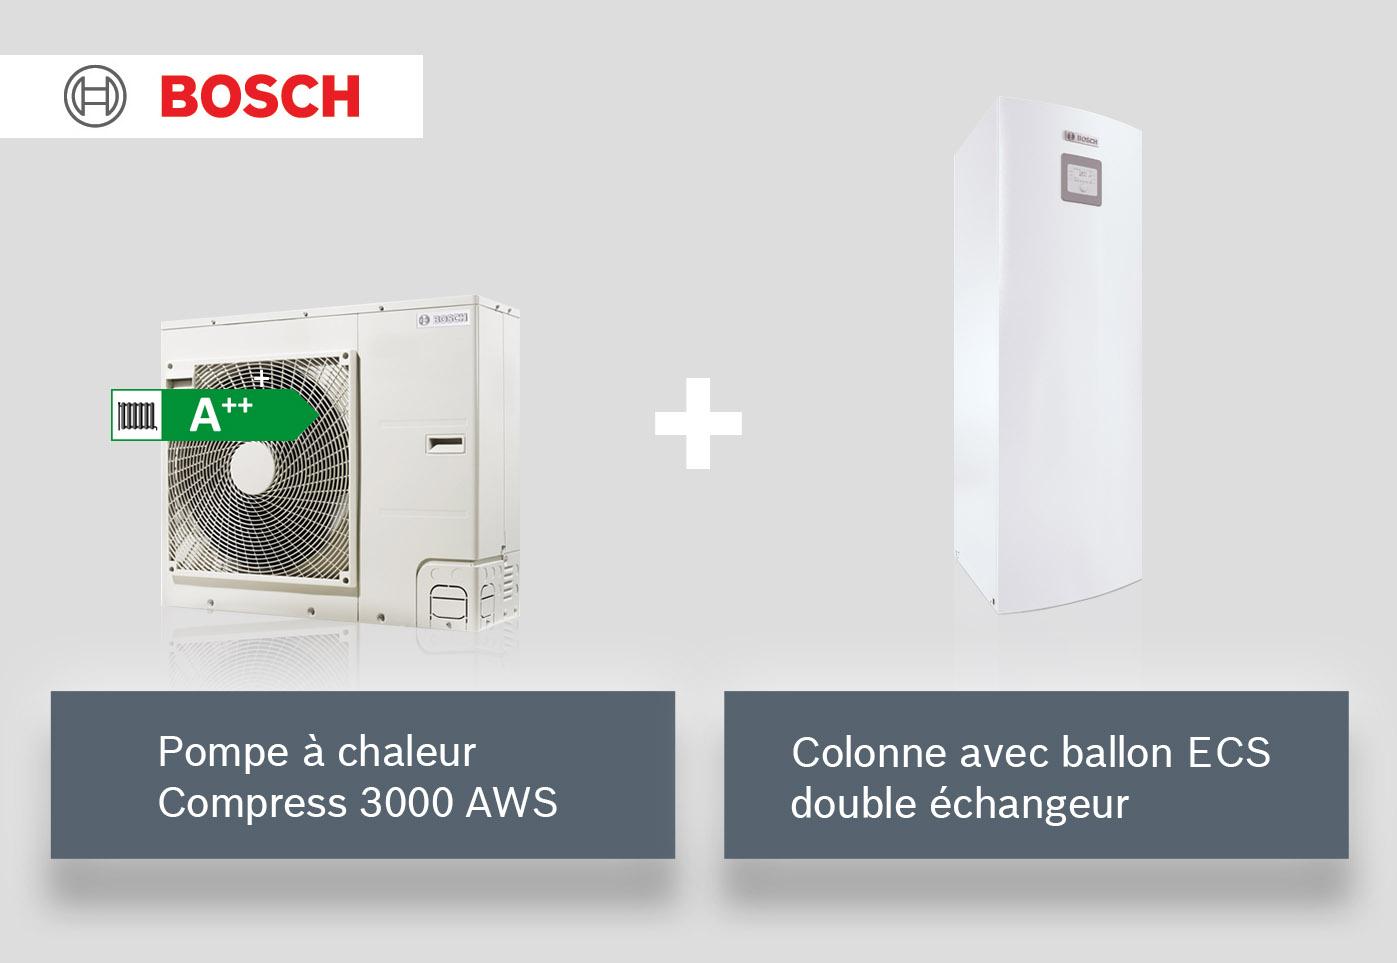 PAC + ballon ECS double échangeur